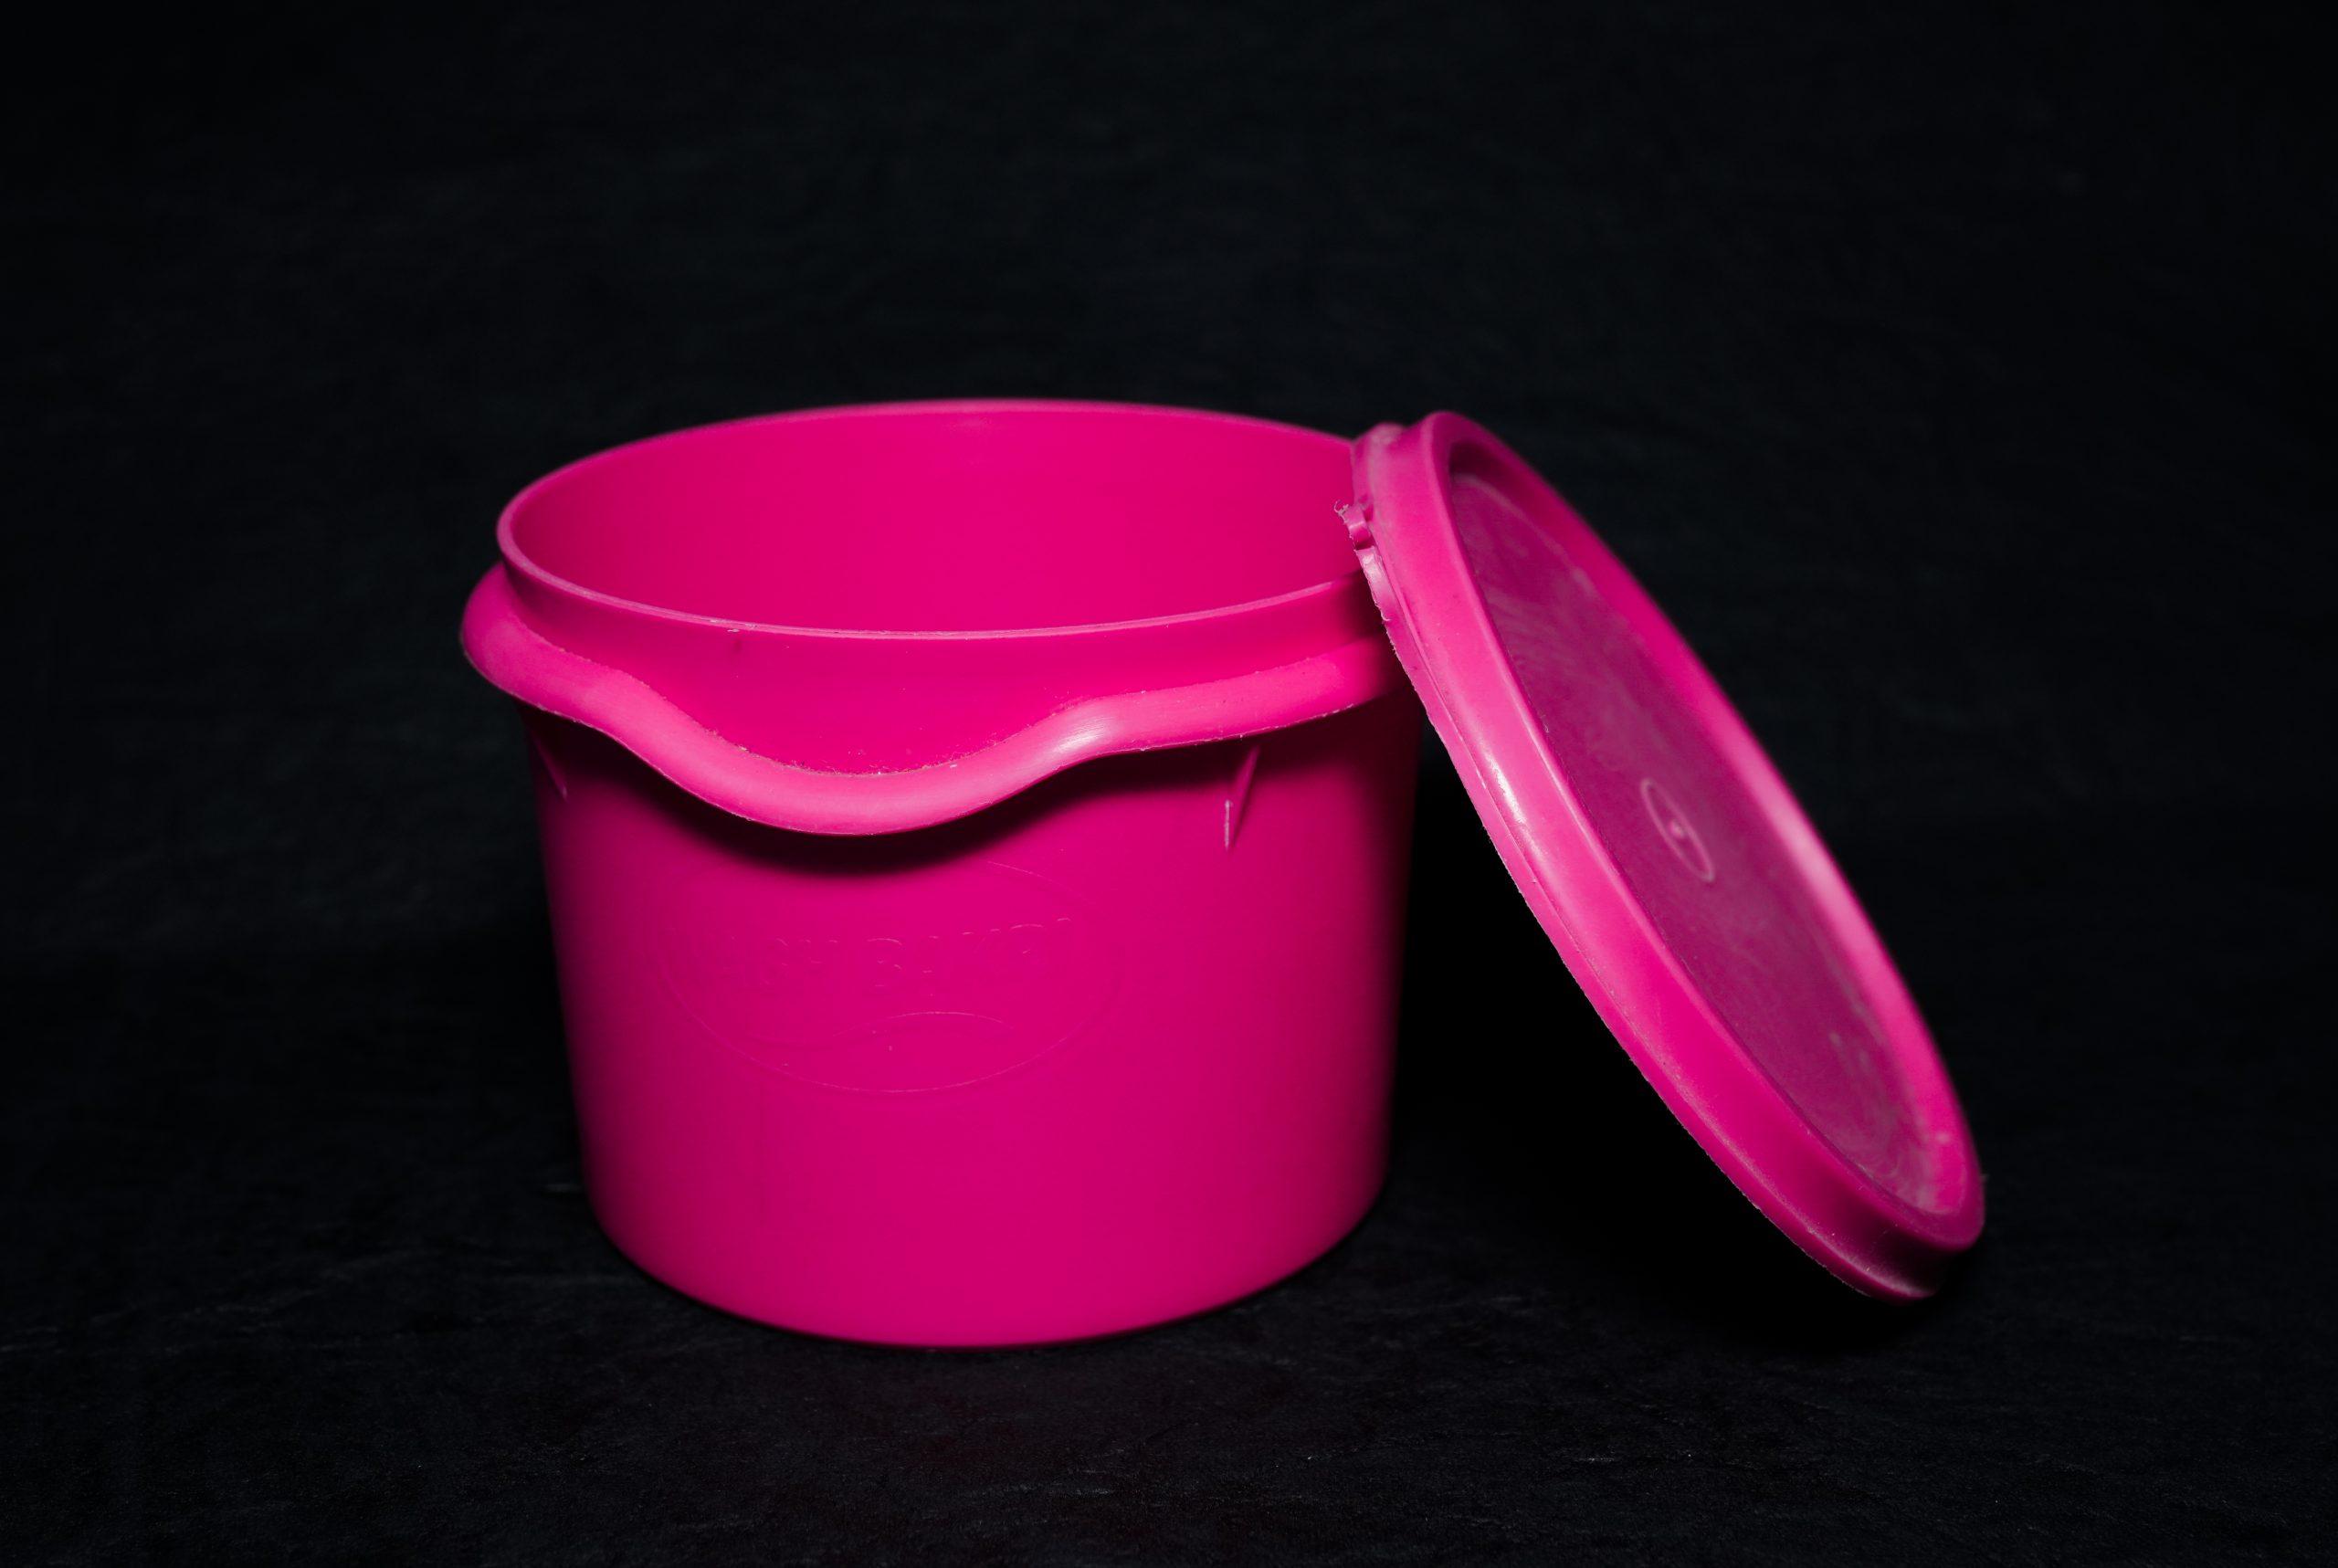 An open pink box